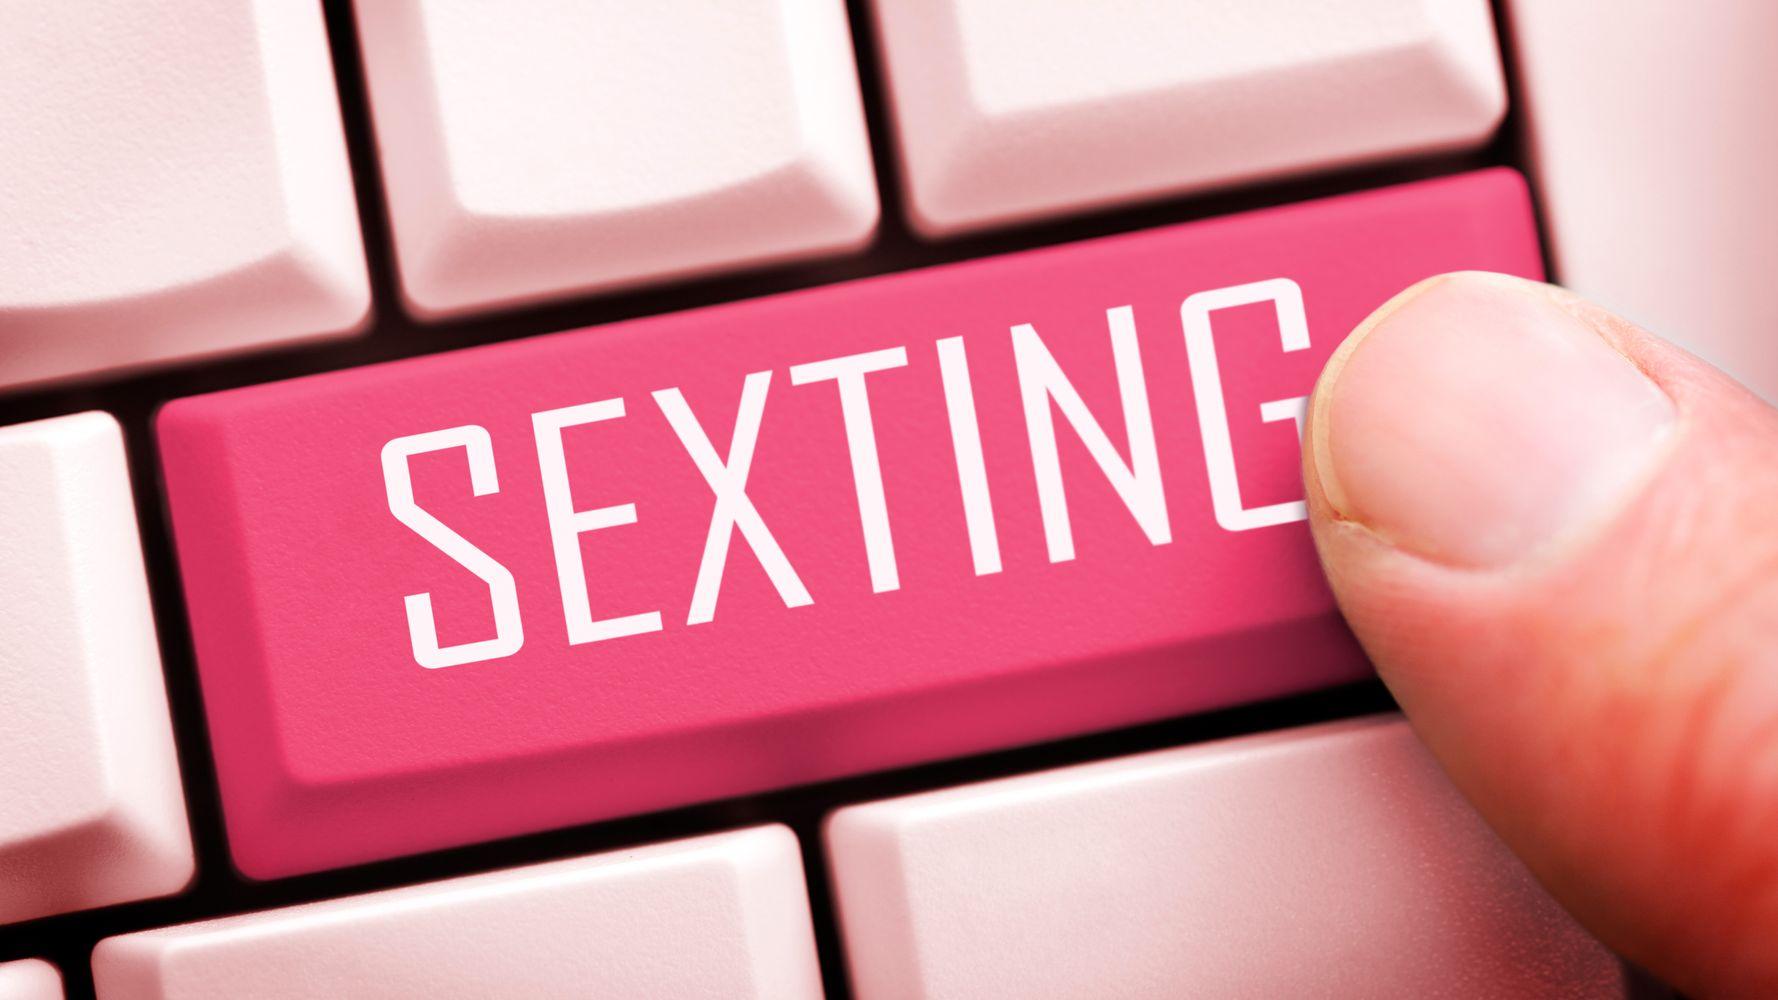 Заняться Виртуальным Сексом